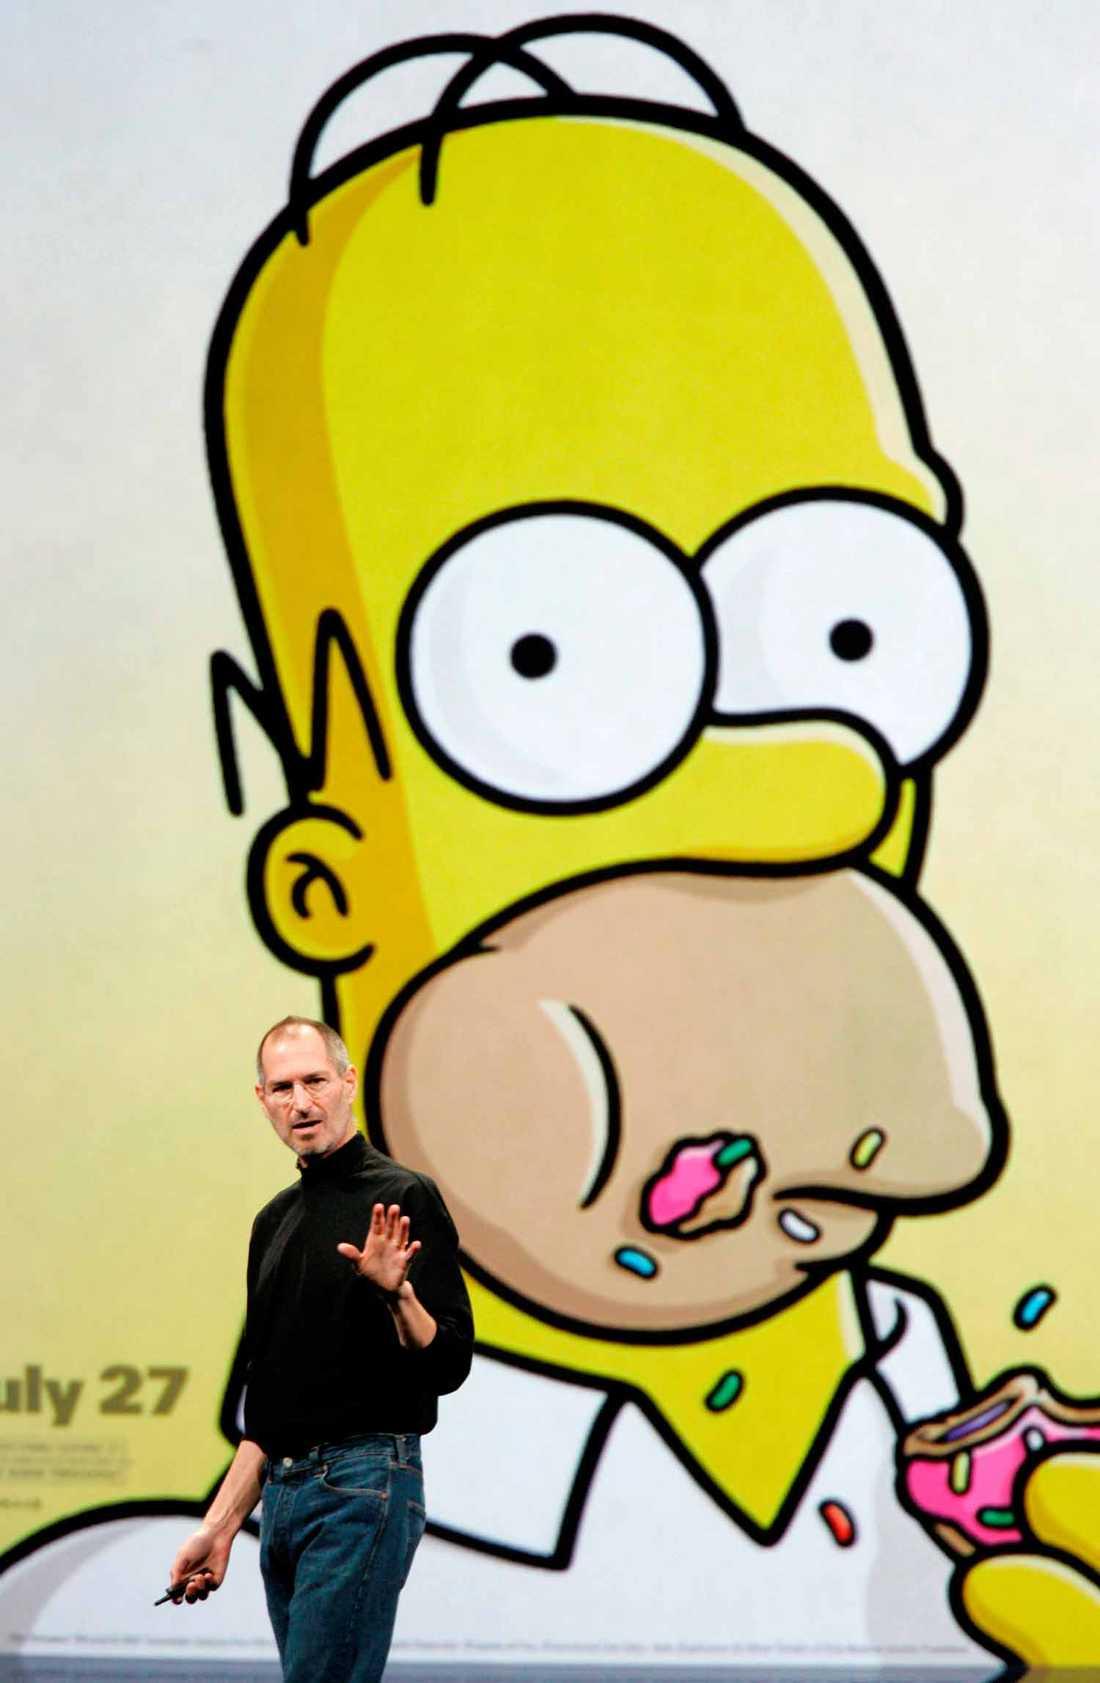 Giganter 2 Steve Jobs presenterar uthyrning av filmer i Itunes på MacWorld i San Francisco 2008. Homer Simpson illustrerar.